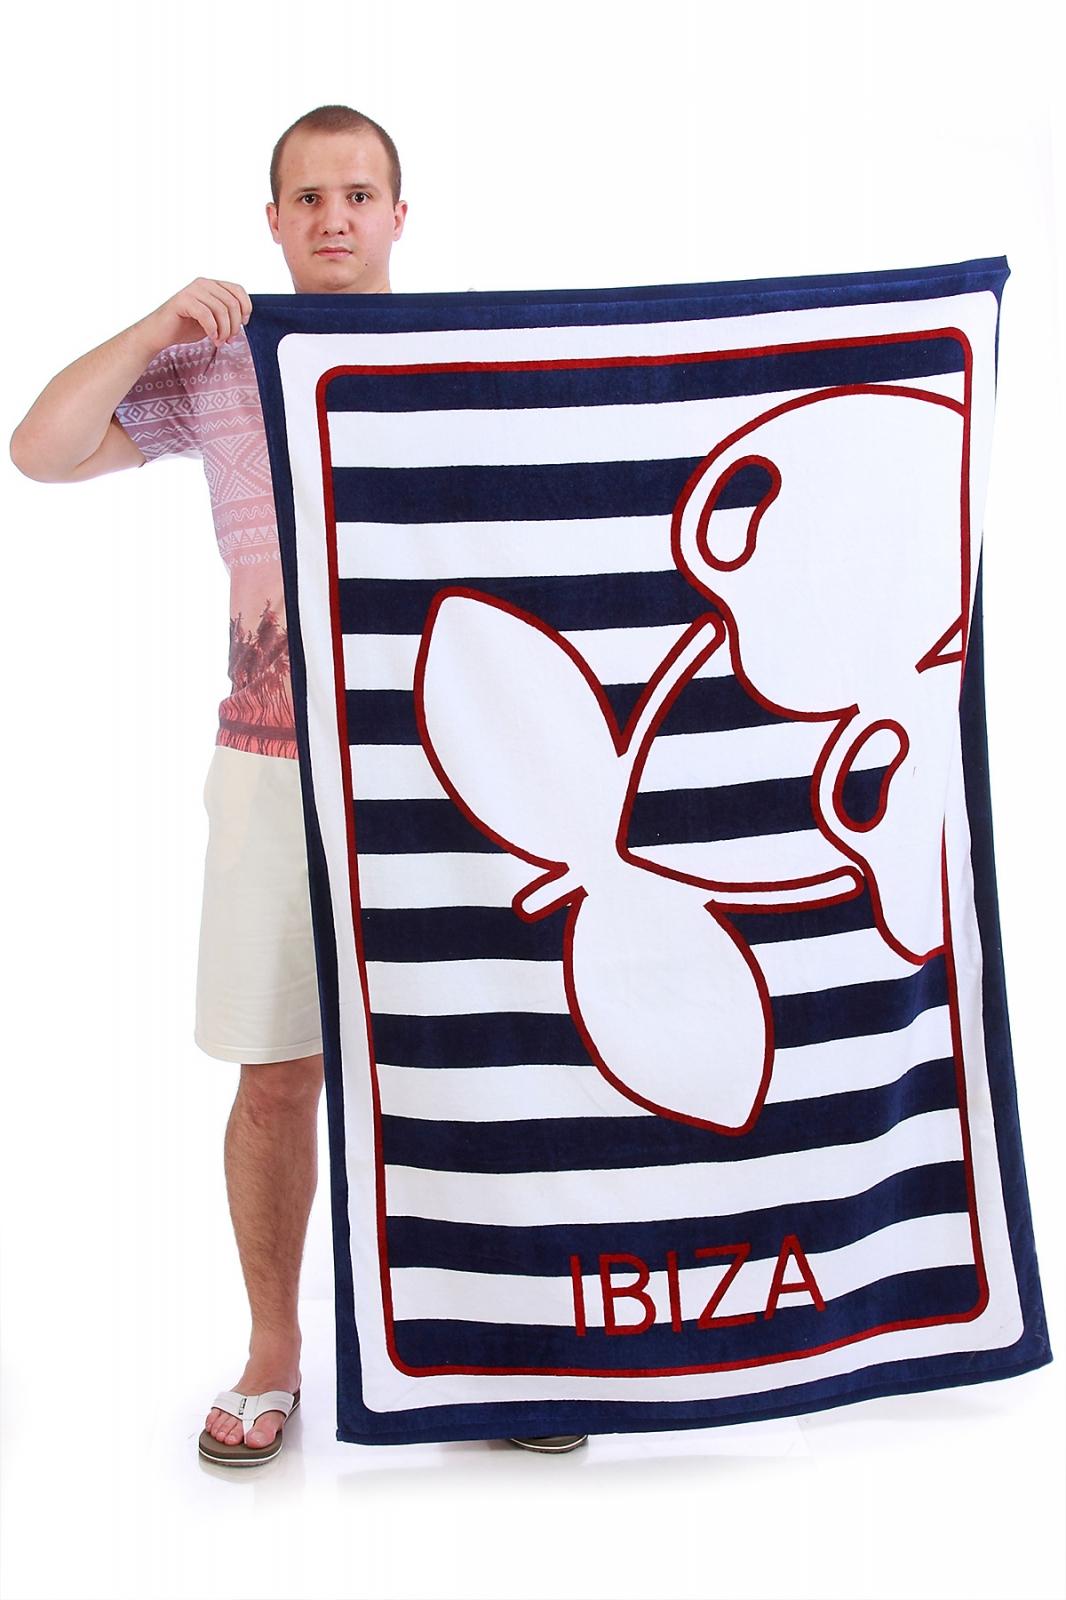 Полотенце Ибица - купить онлайн в интернет-магазине